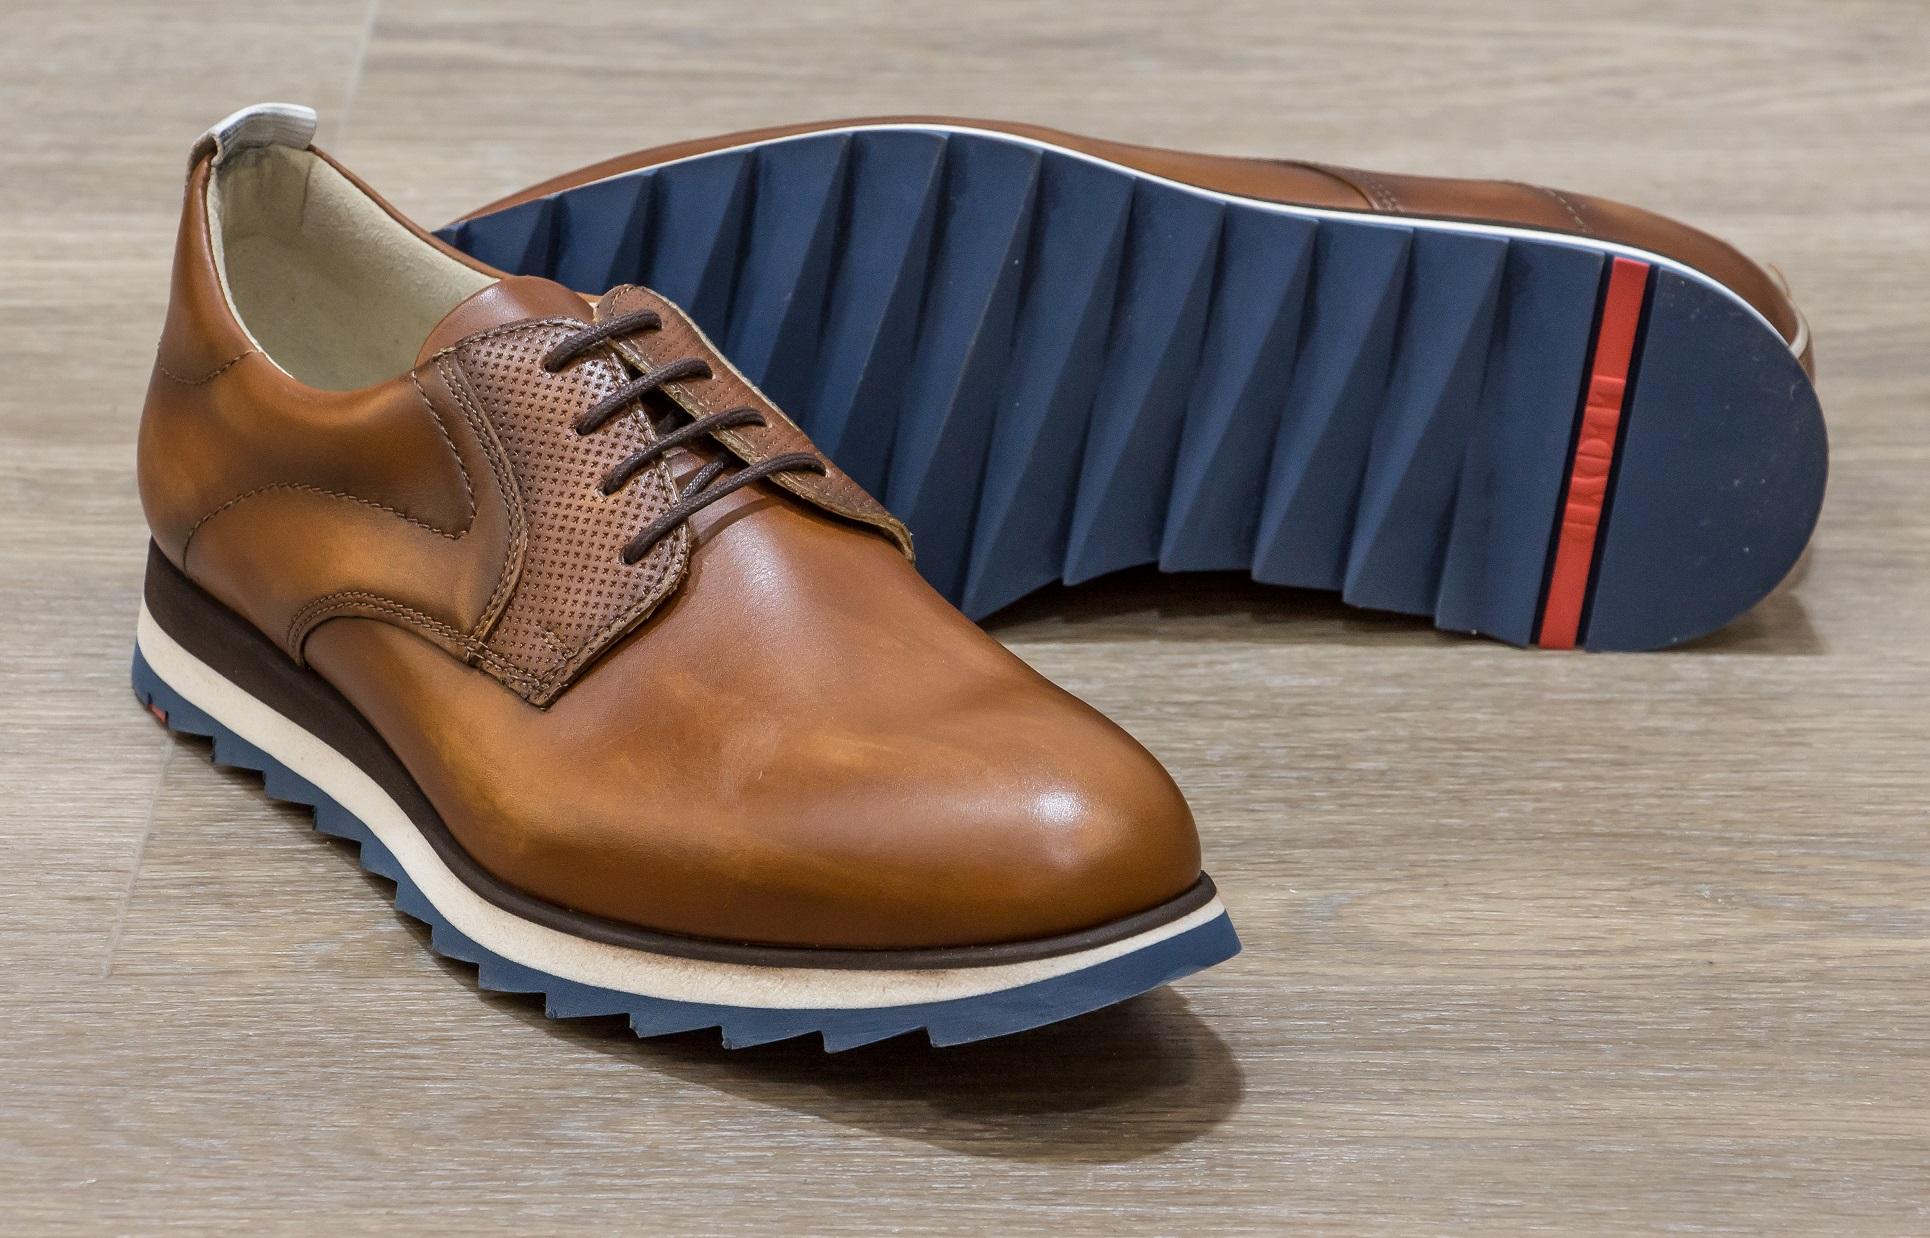 a30be0d259ea3 Moda  4 características a considerar antes de comprar buenos zapatos ...